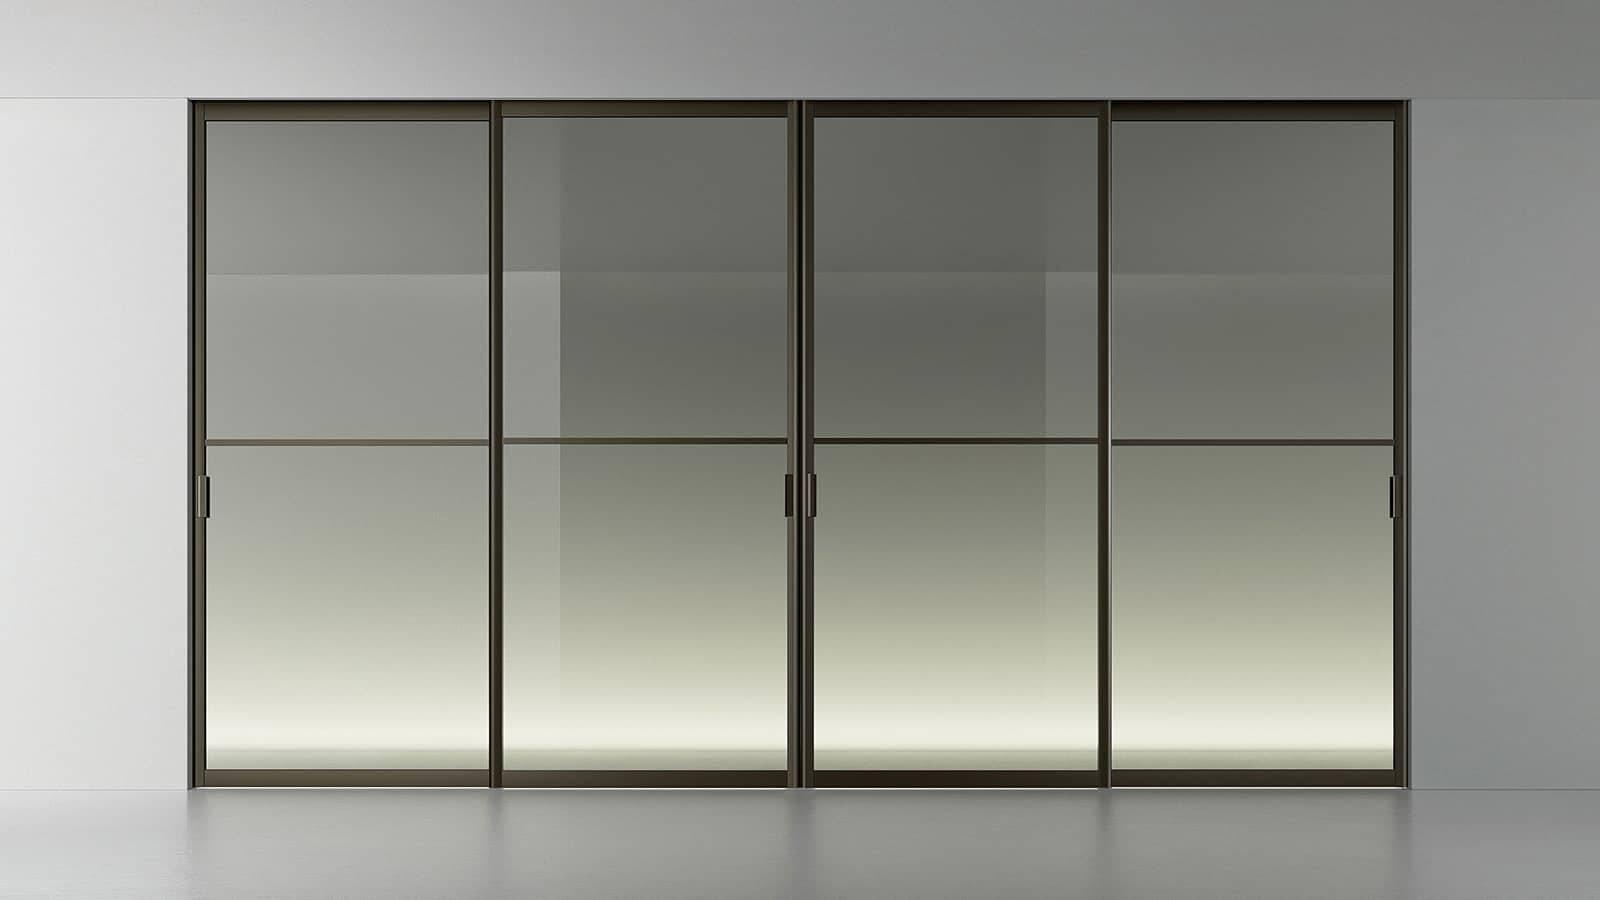 glazen schuifdeuren met grijs transparant glas en vlakken